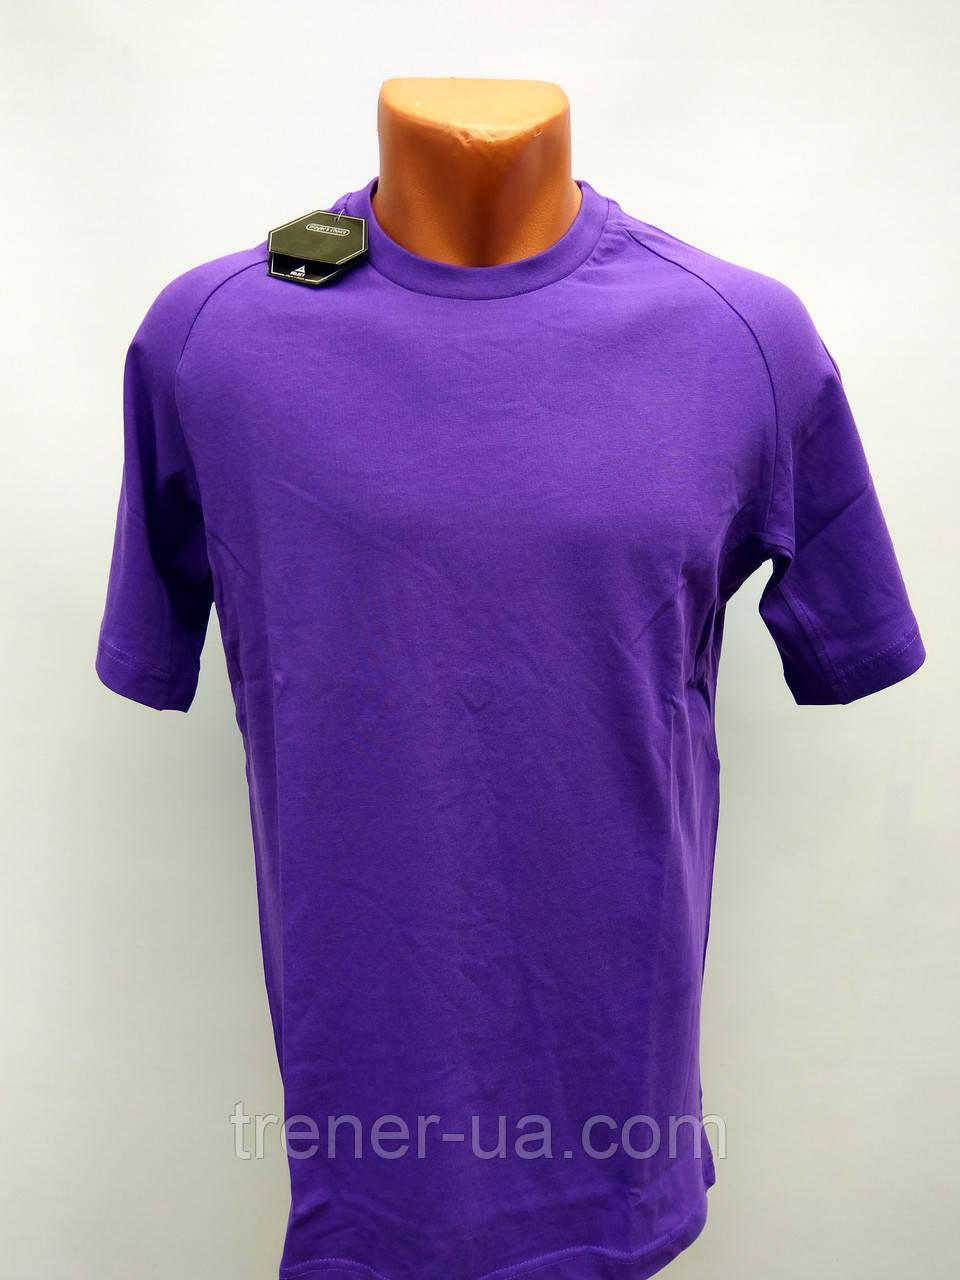 Футболка чоловіча фіолетова у стилі Select